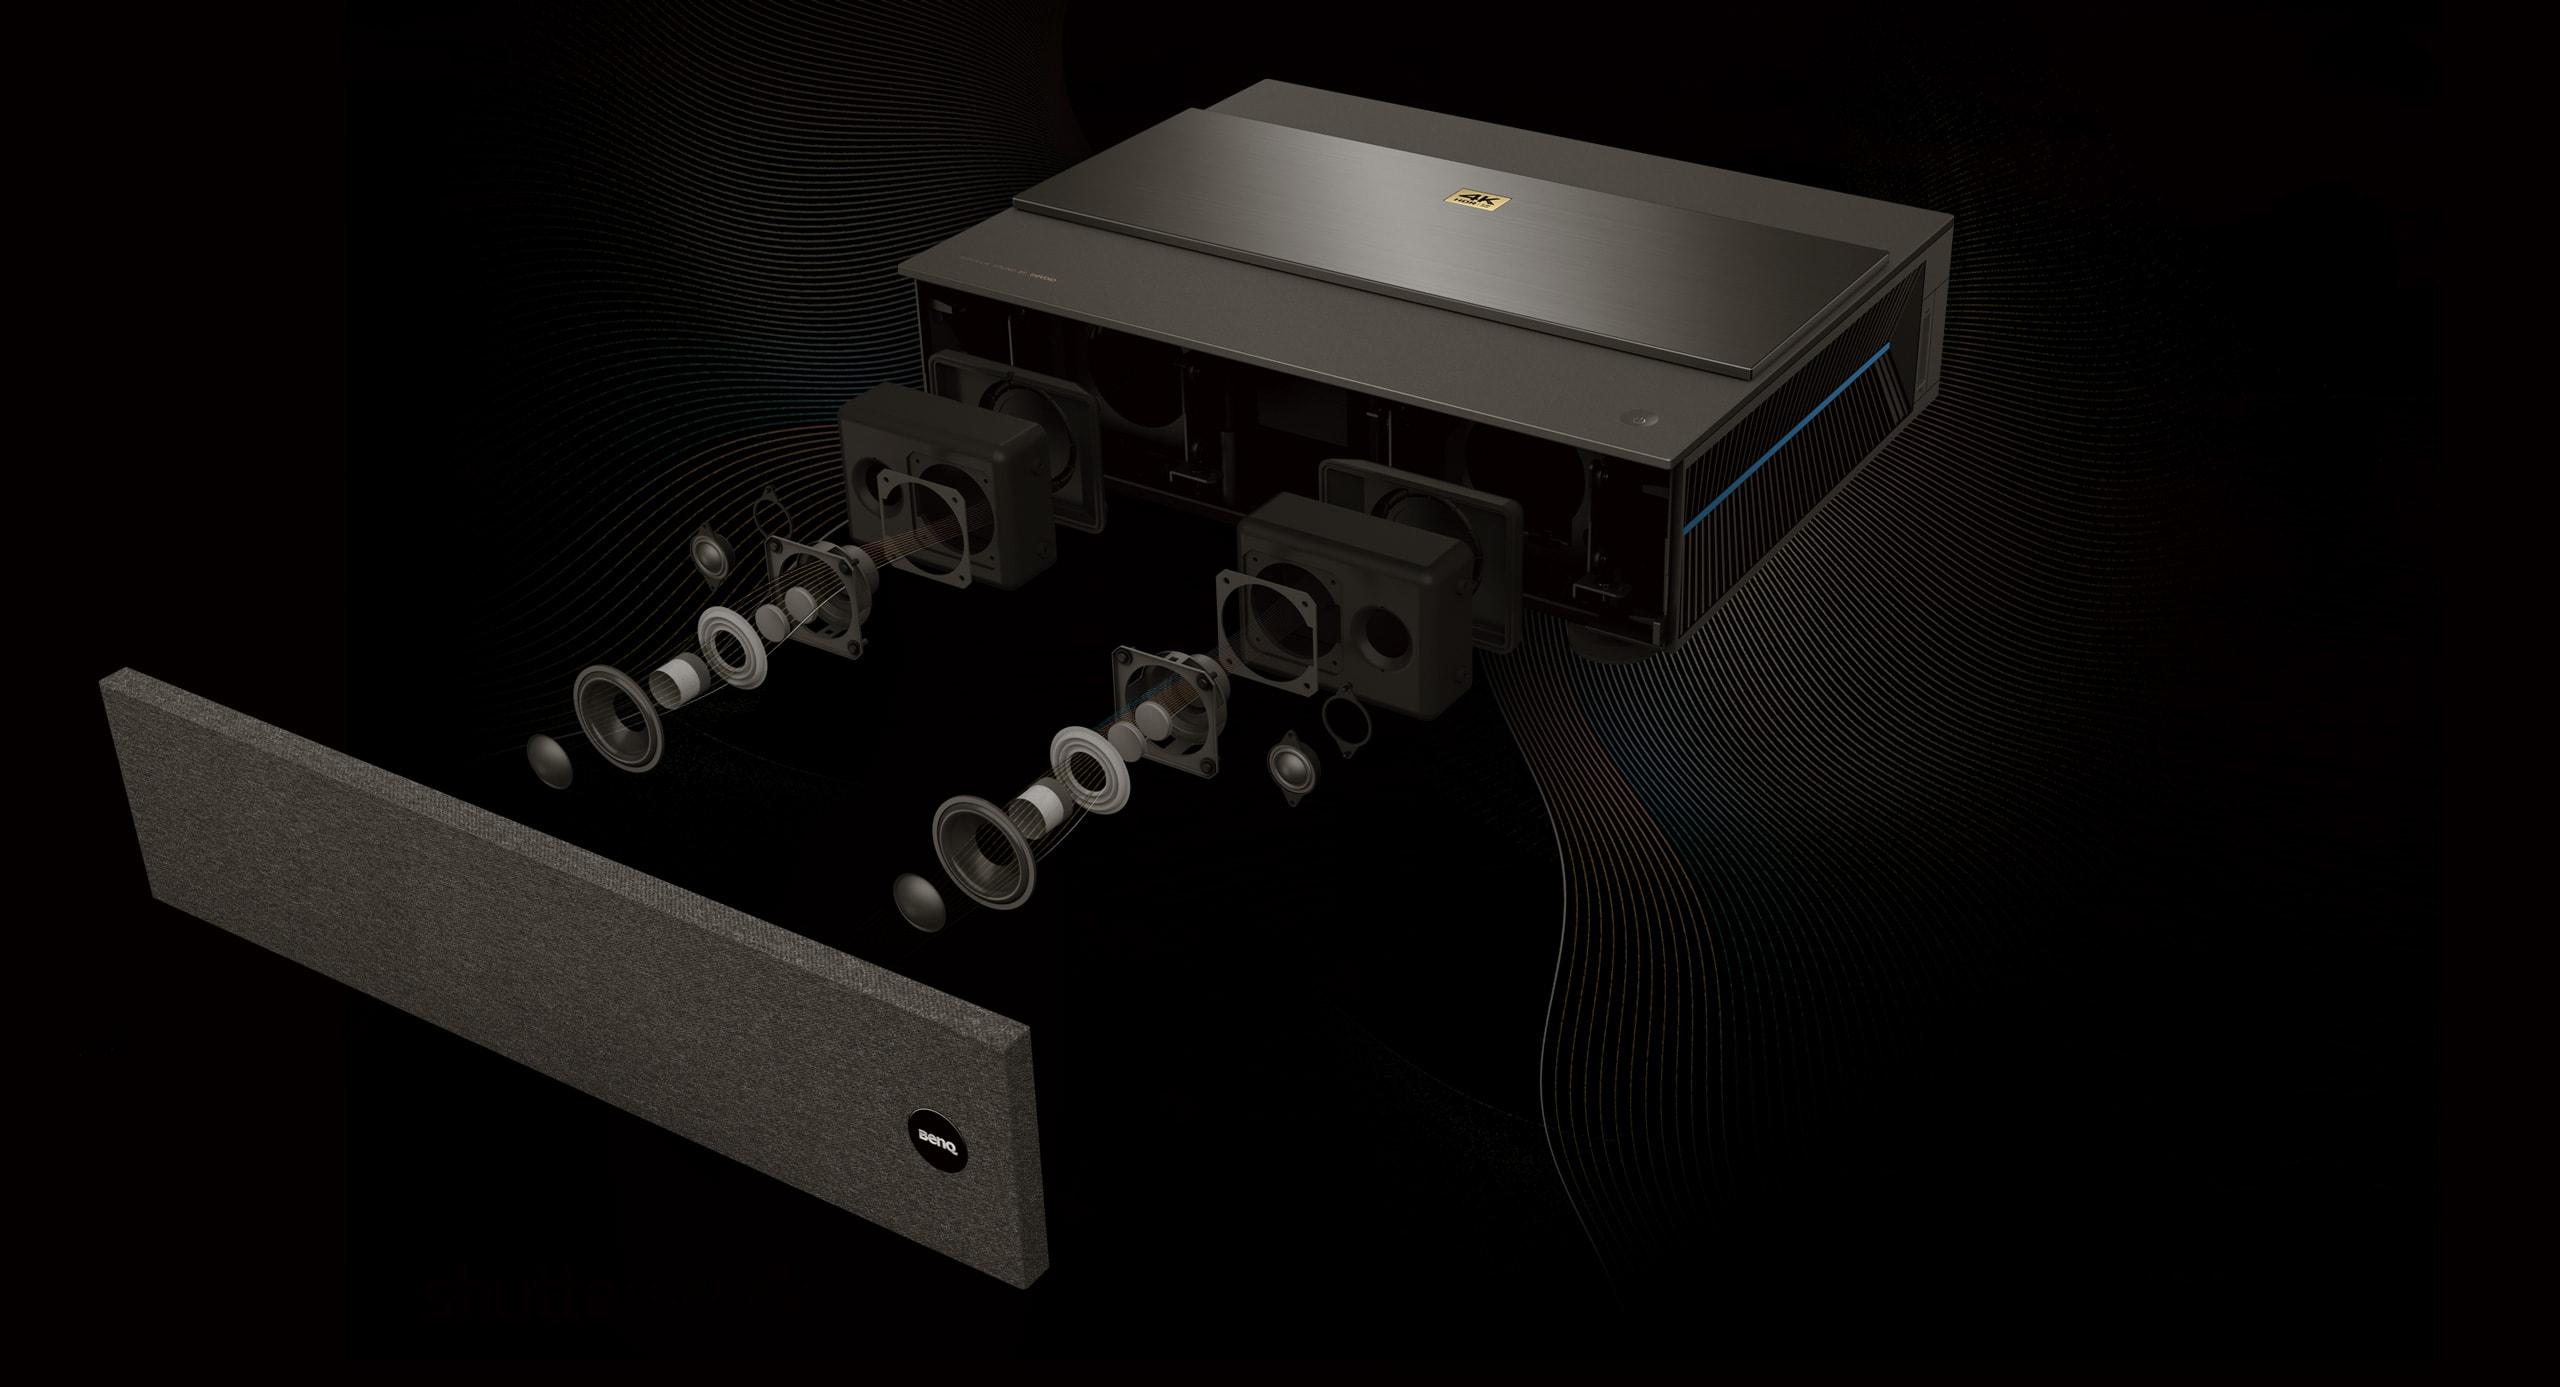 V6050 4K Laser TV ultra short throw Projector